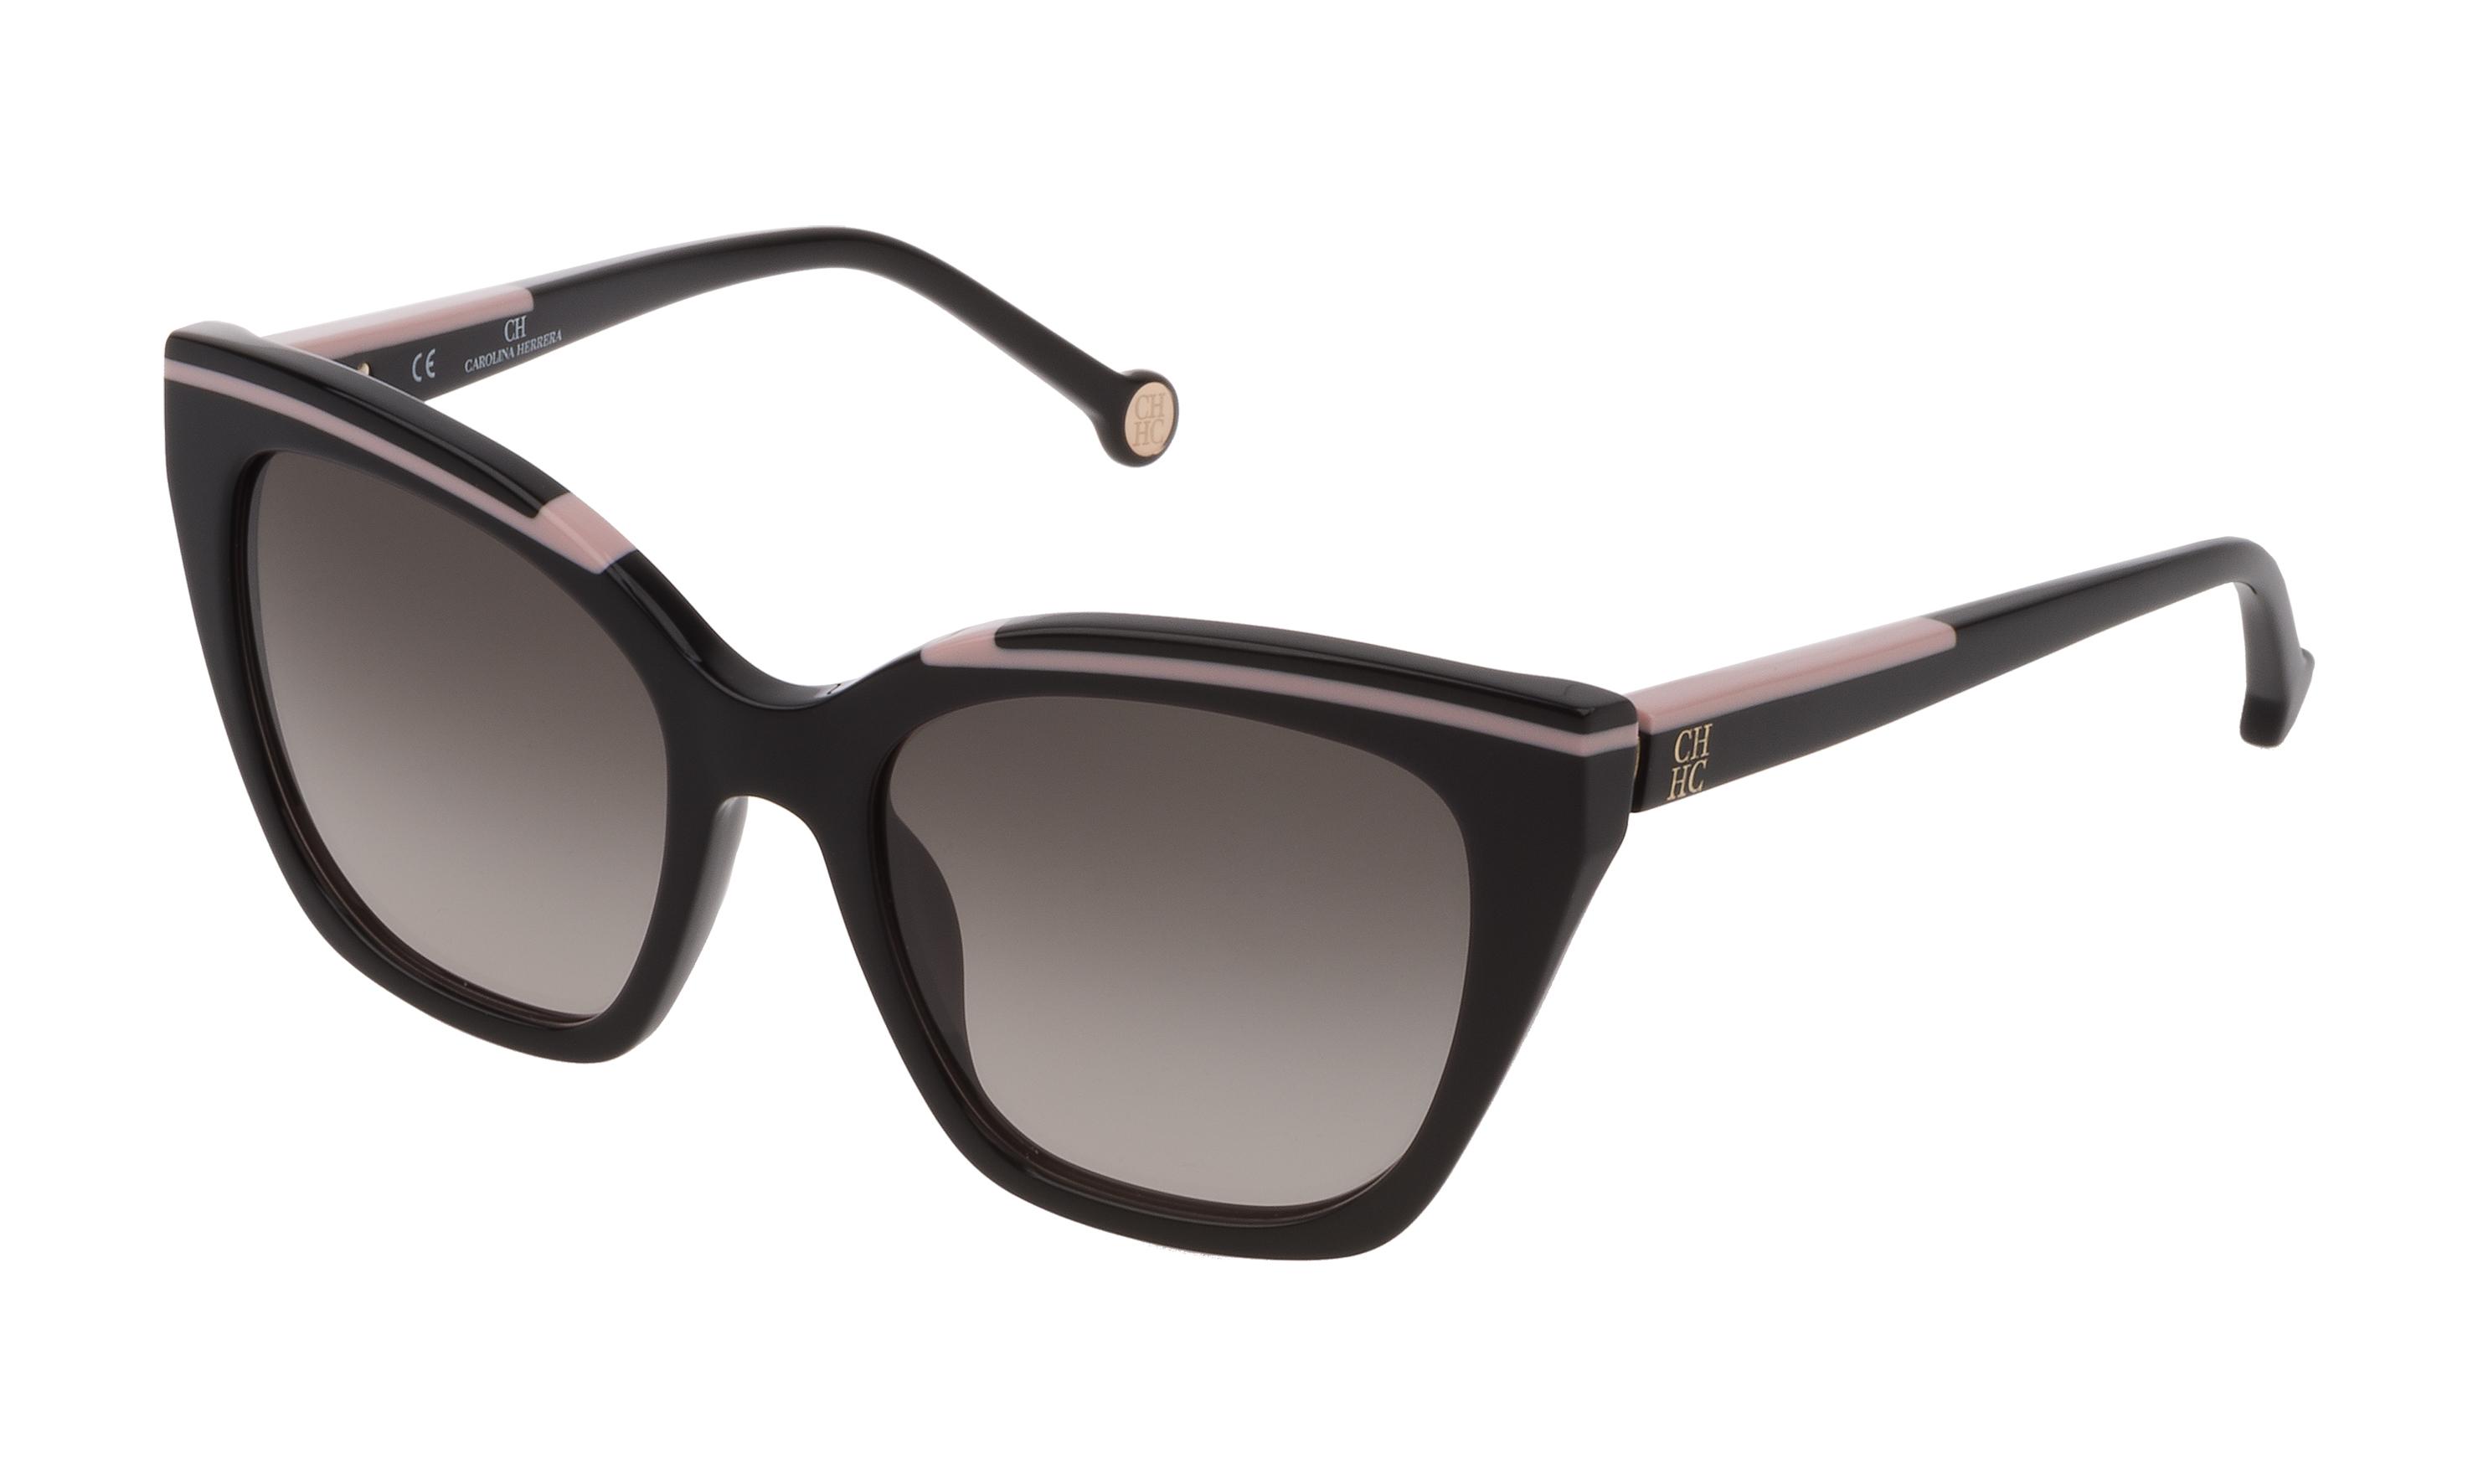 CAROLINA HERRERA SHE 832 0700  Gafas de sol Mujer